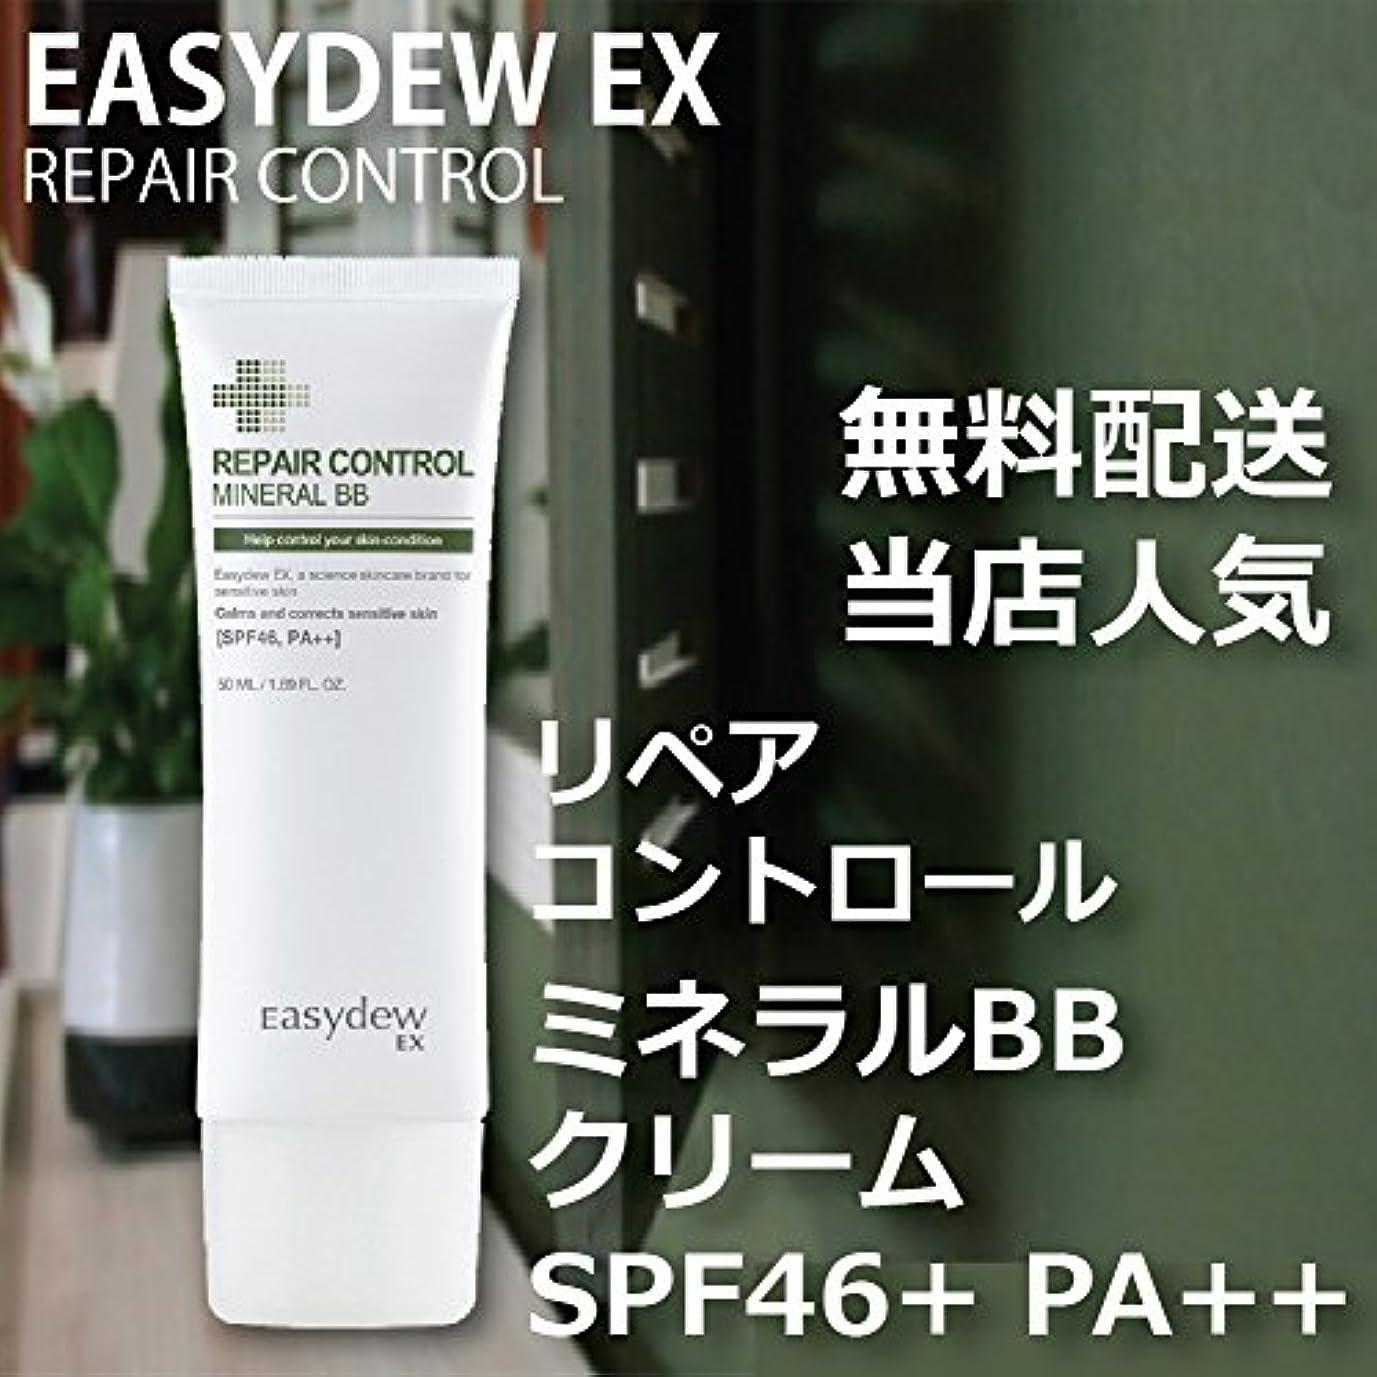 言い直すグレード歌手EASY DEW EX ミネラル BBクリーム SPF46+ PA++ 50ml MINRAL BB CREAM 韓国 人気 コスメ イージーデュー 敏感 乾燥 美白 しわ 3重機能性